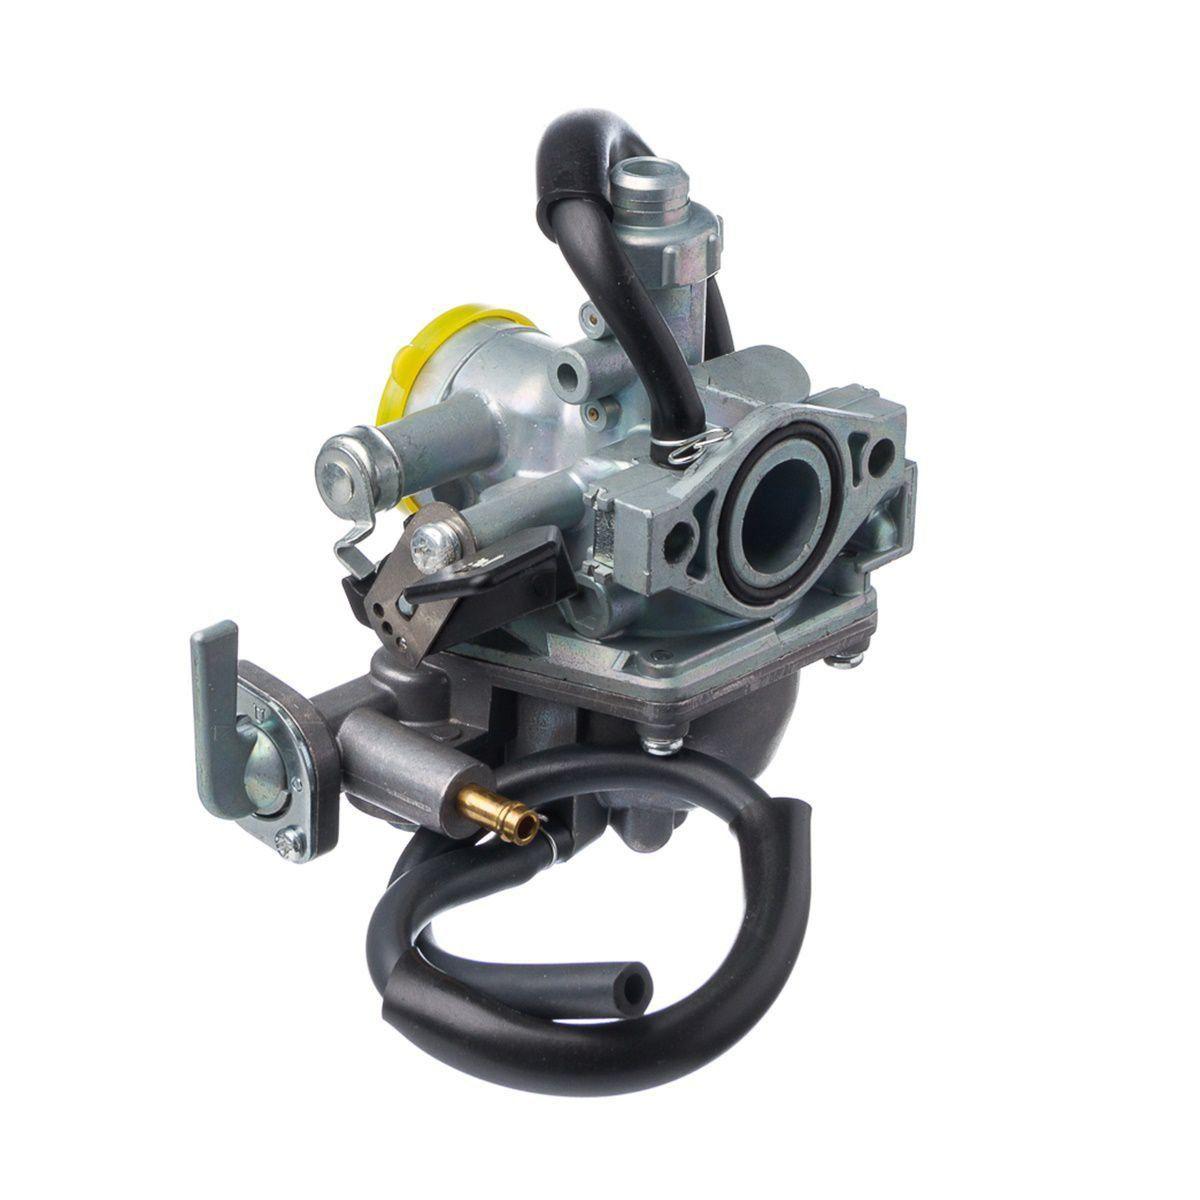 Carburador Completo Gp Mais Giclês Honda Biz 100 2012 2013 á 2019